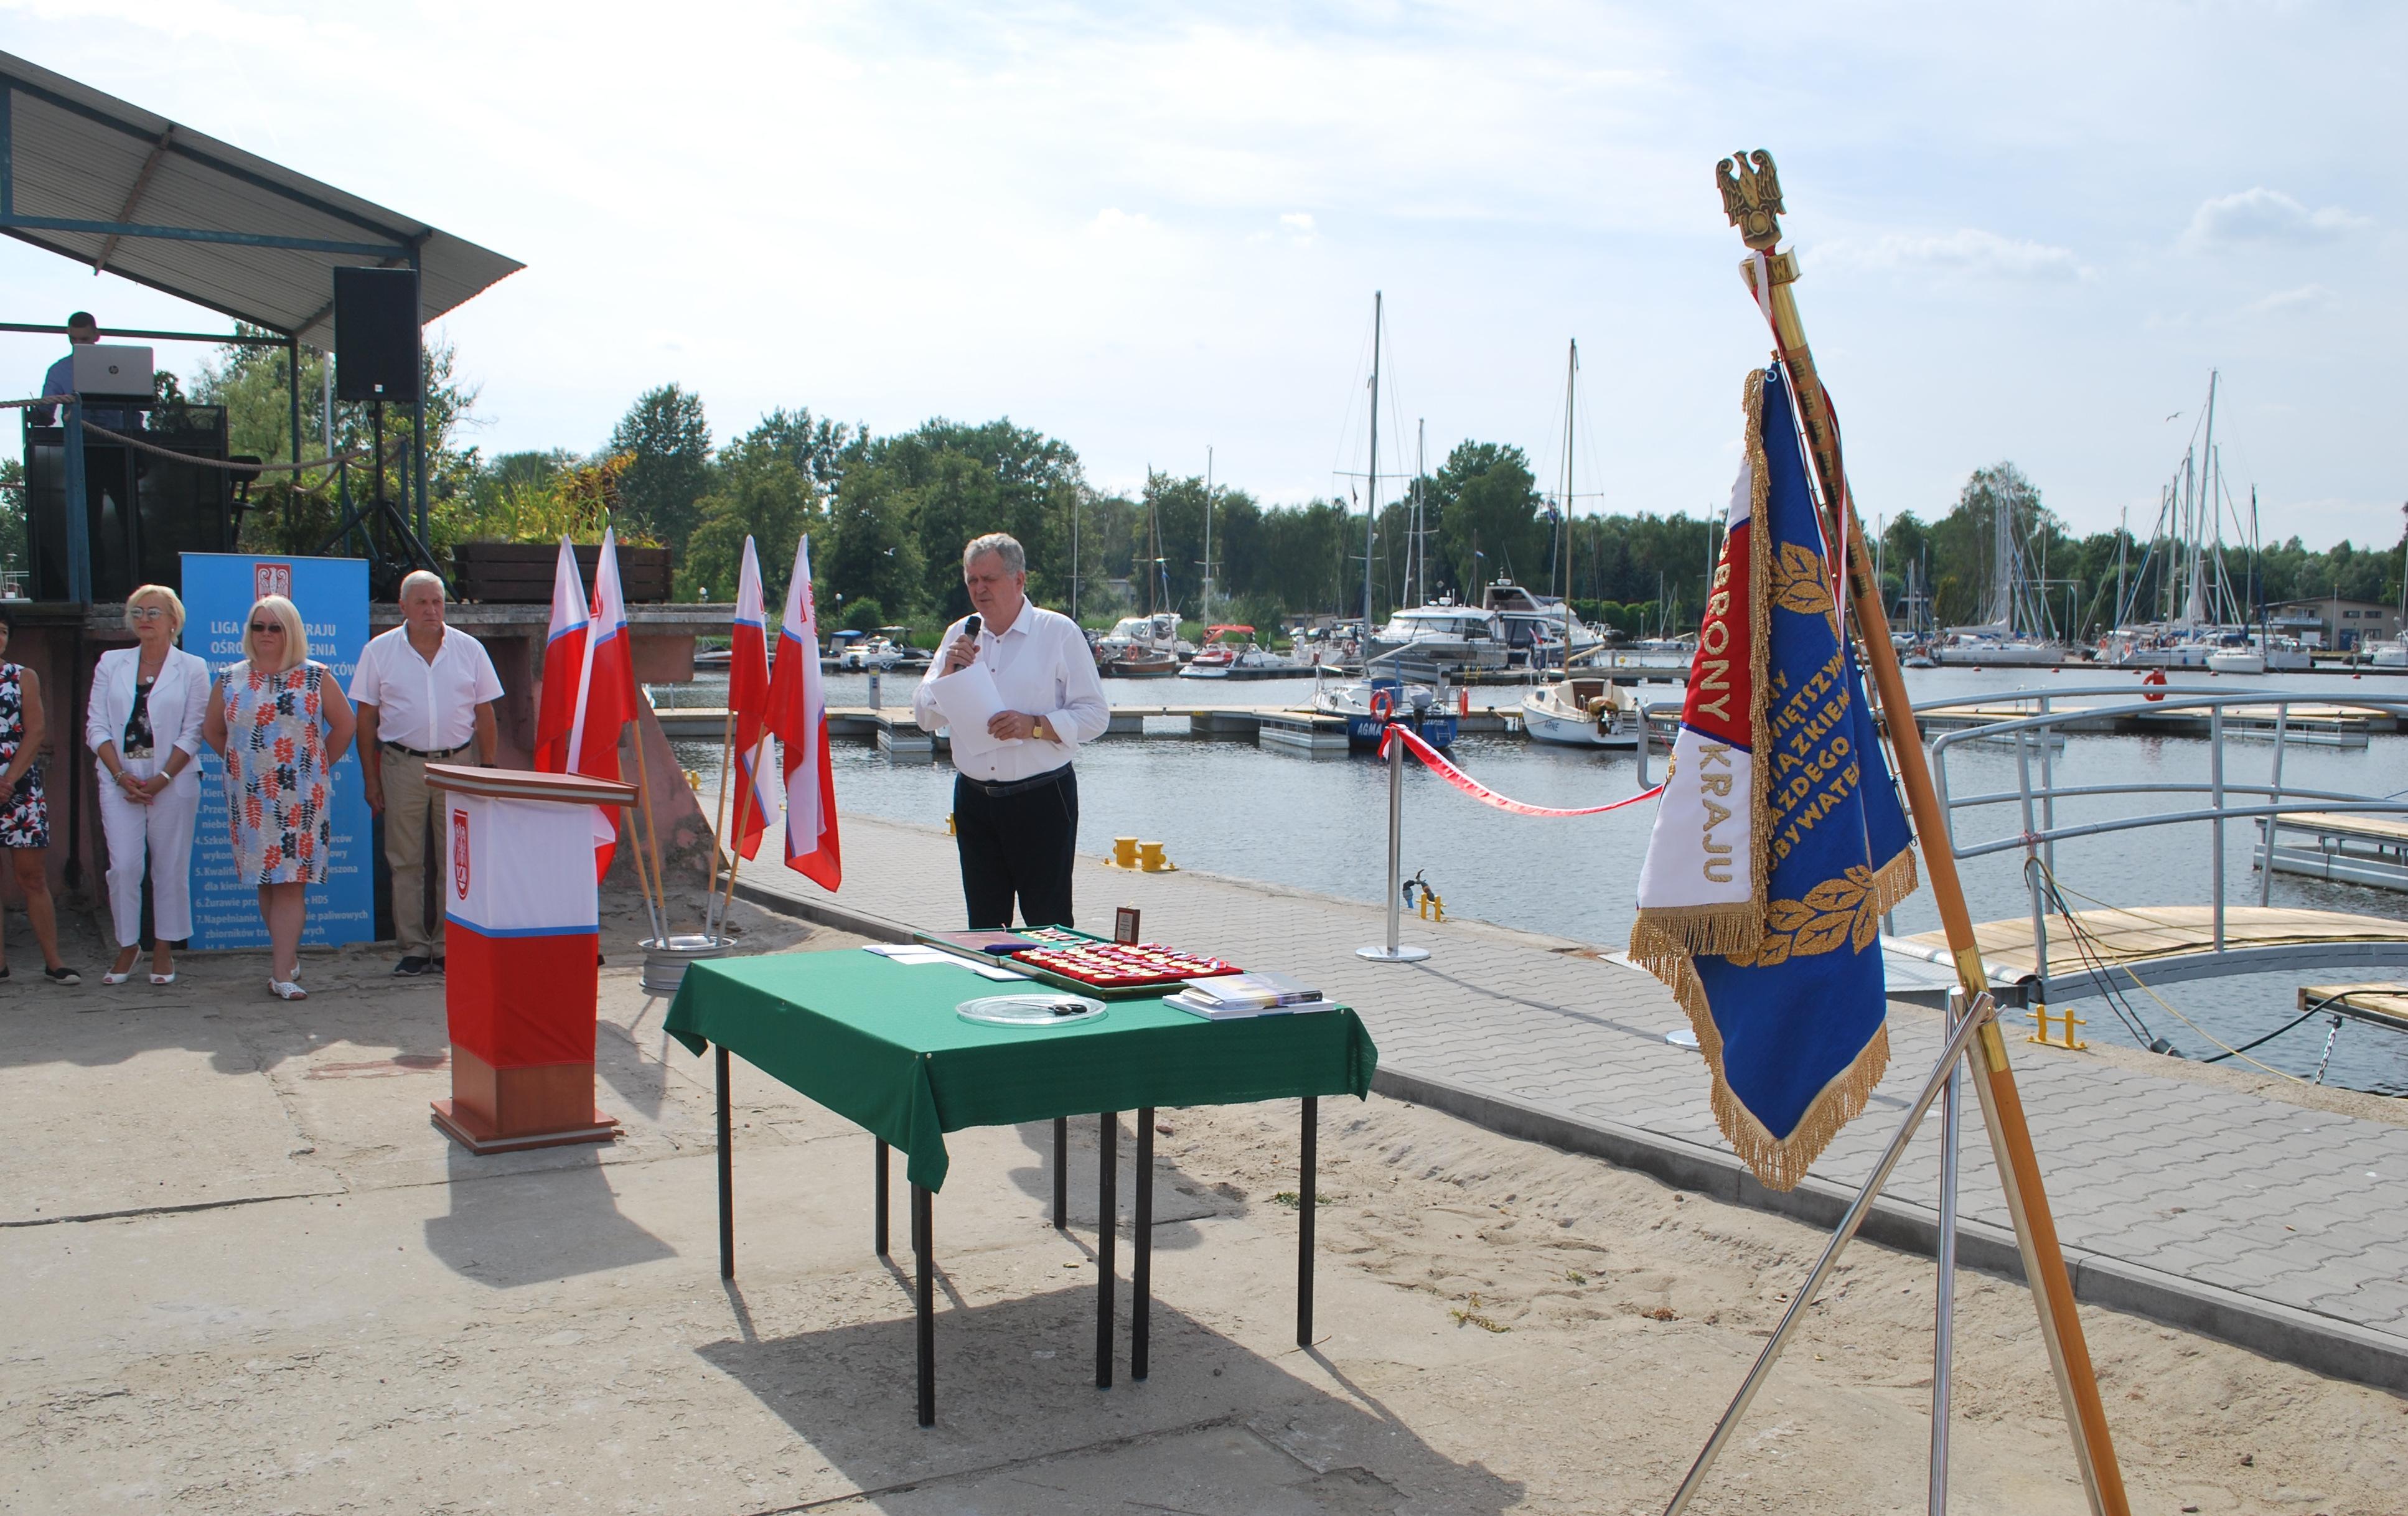 Jubileusz 75-lecia ZOW LOK w Szczecinie i otwarcie nowej mariny Jacht Klubu Morskiego LOK